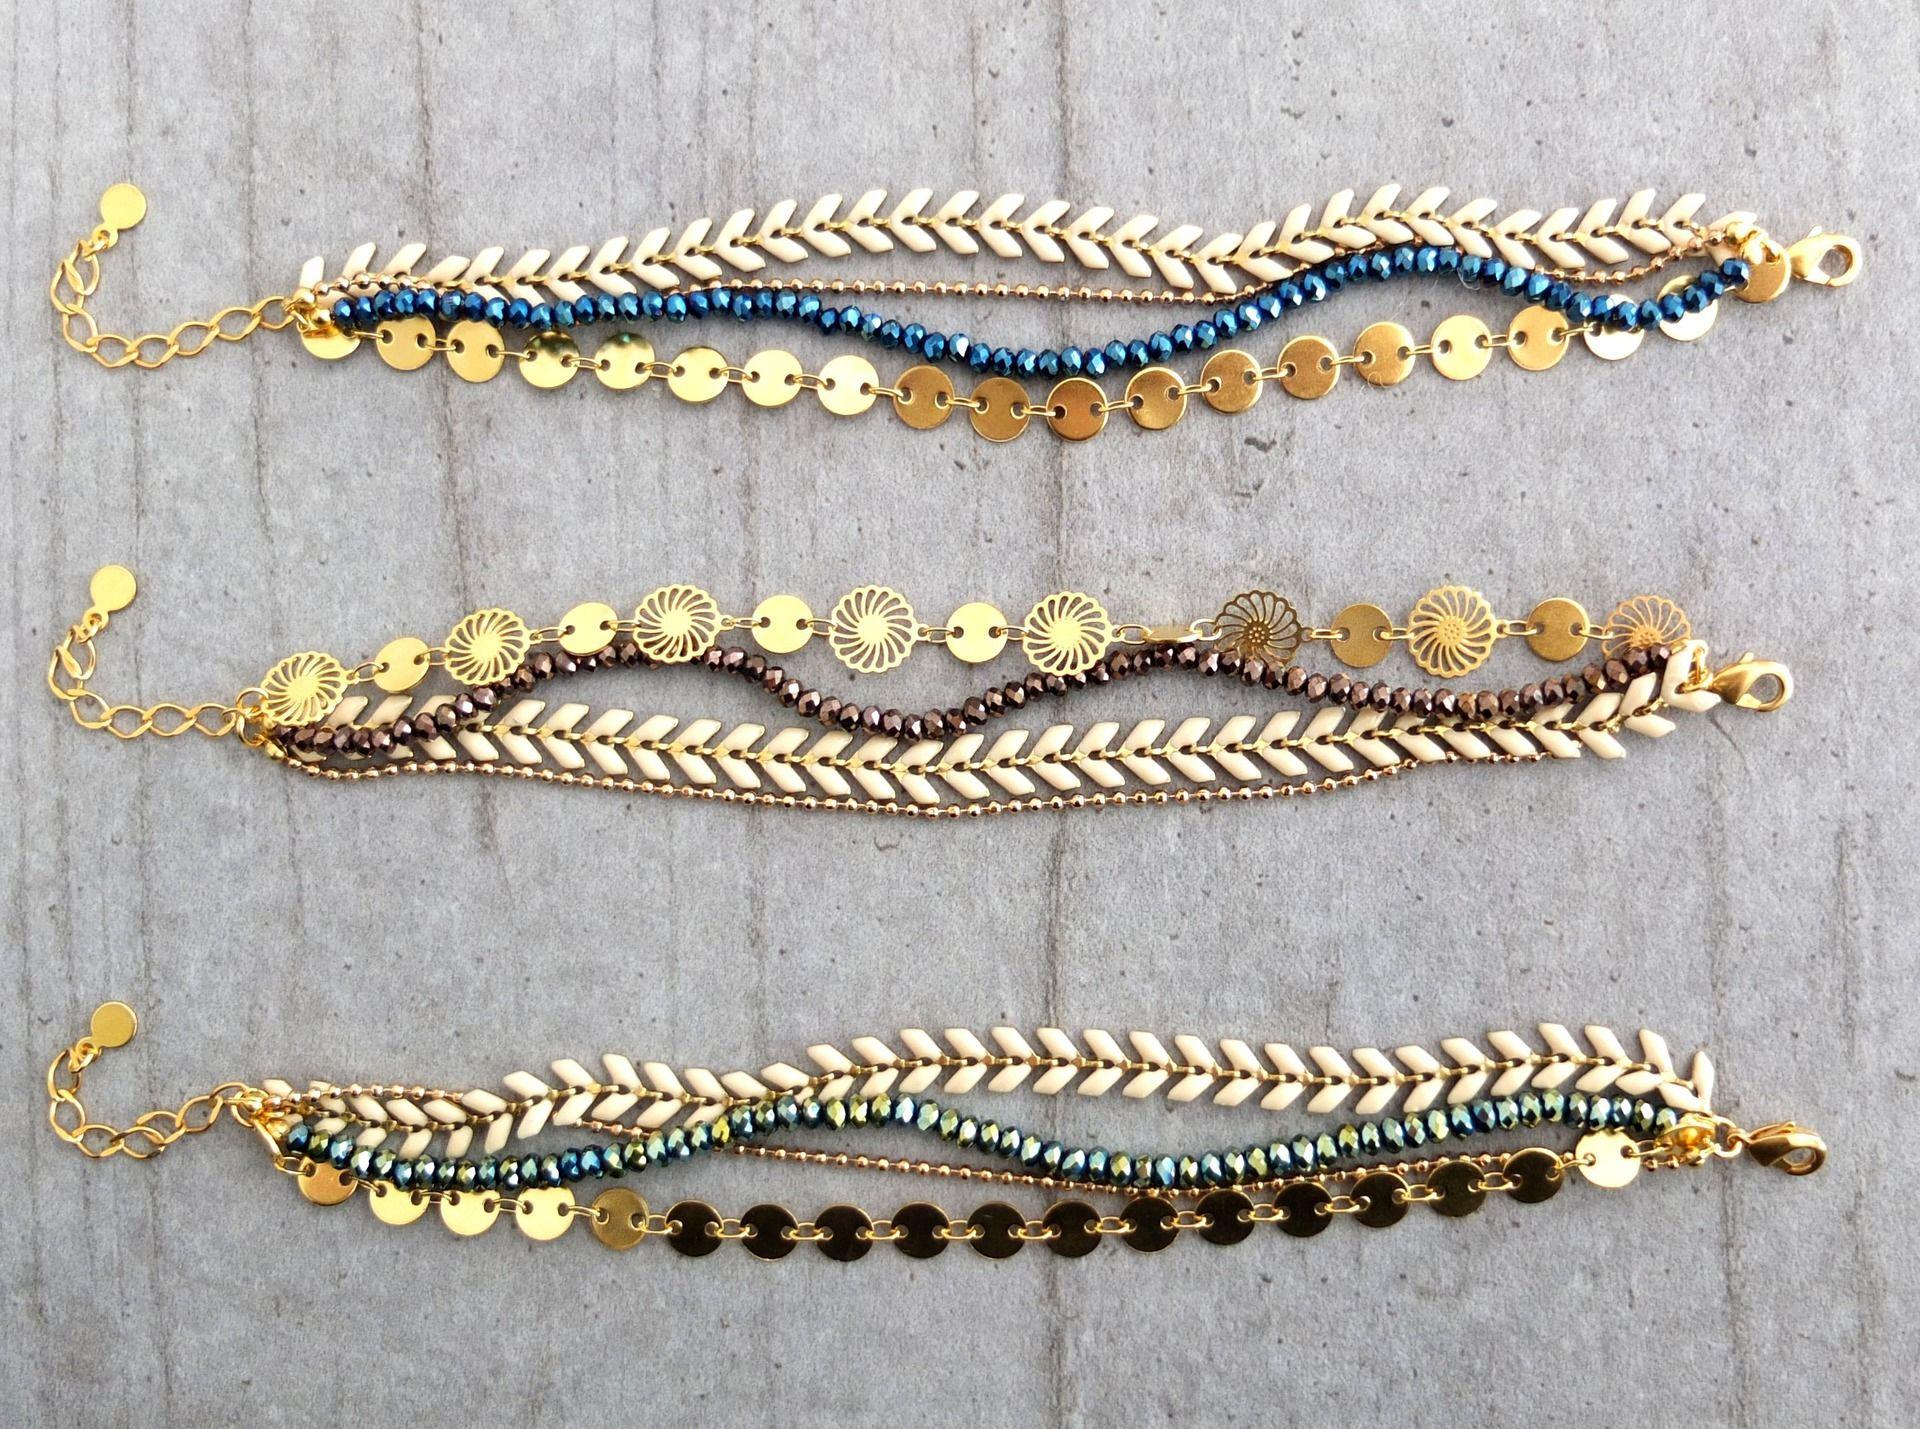 Gold Filled Extension chain gold filled Extender Pour Colliers Bracelets Bracelets de cheville avec fermoir